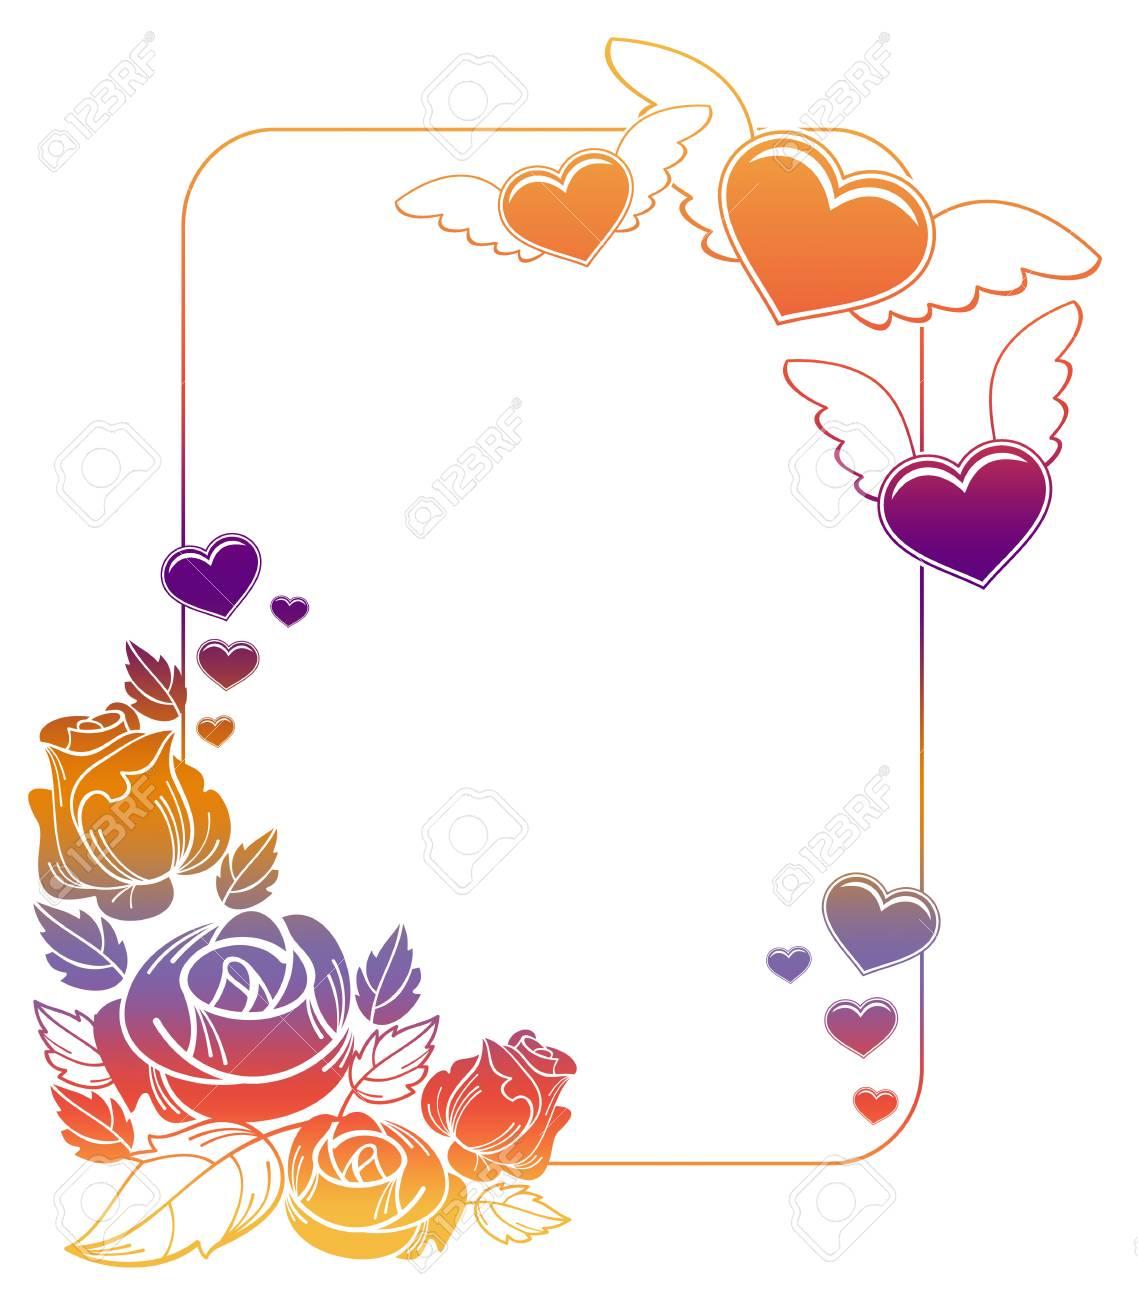 Valentine Label Mit Rosen Und Fliegende Herzen. Farbverlauf Rahmen ...